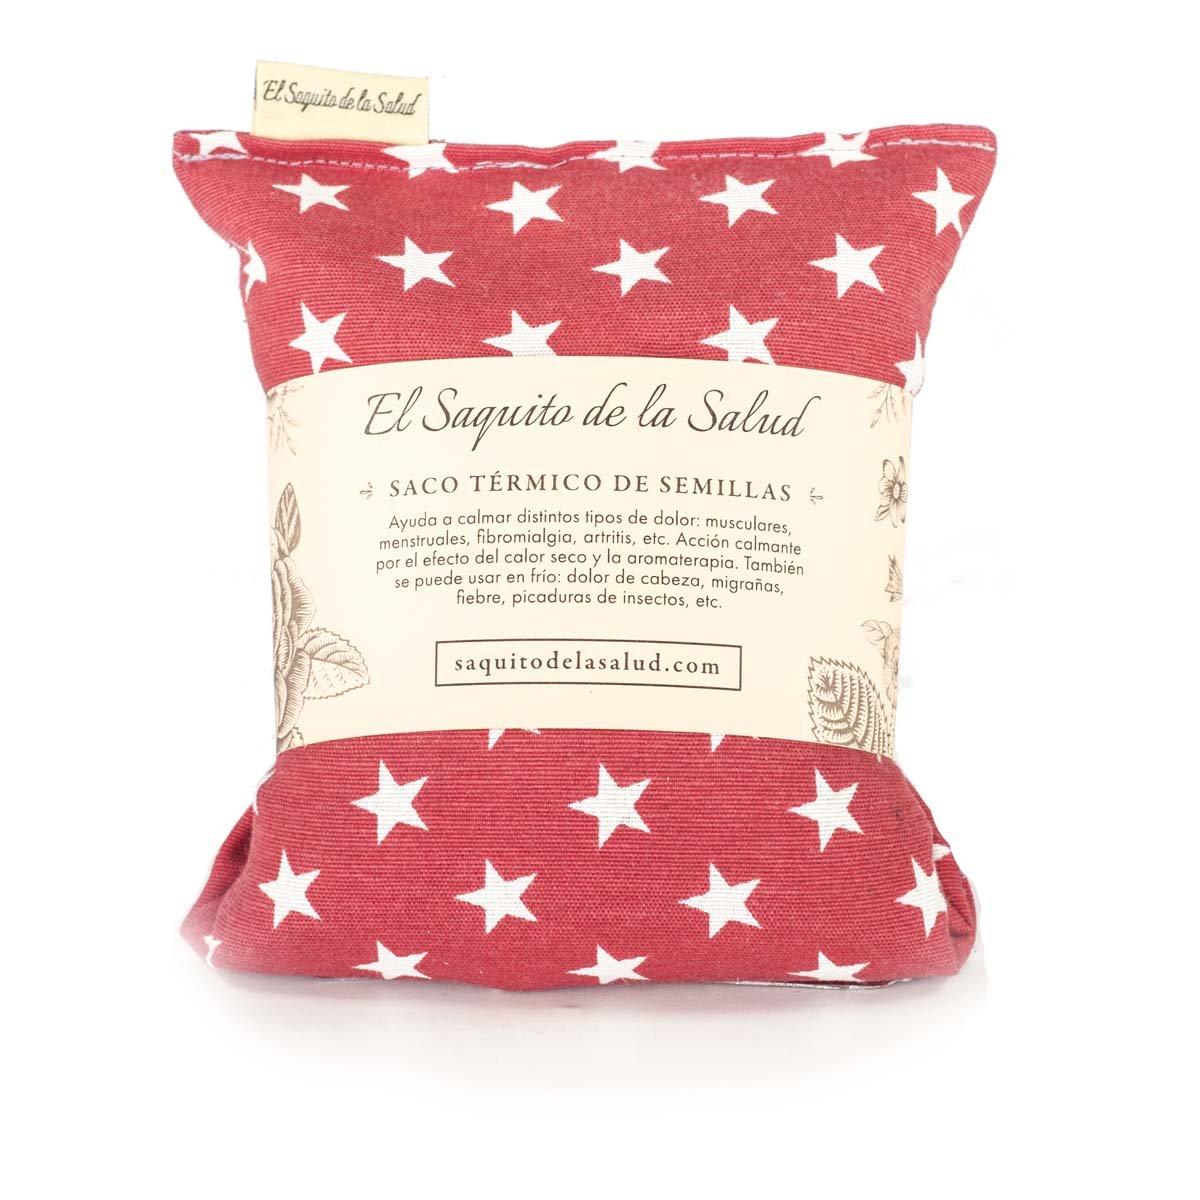 Saco Térmico de Semillas aroma Lavanda, Azahar o Romero tejido Rojo con Estrellas (Lavanda, 23 cm)